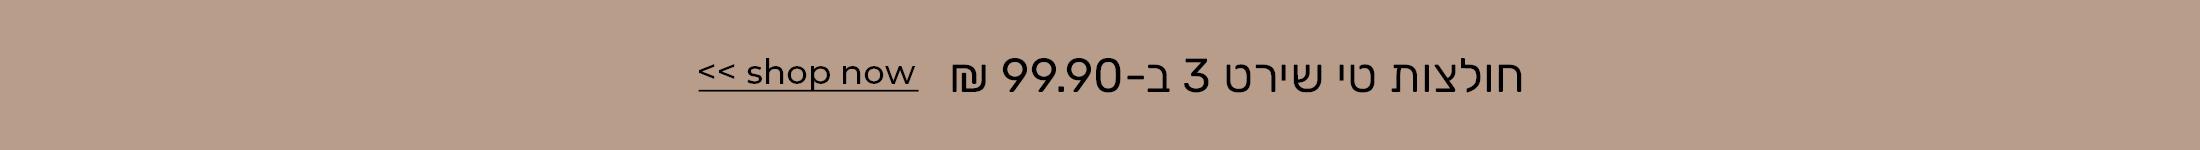 חולצות טי שירט 4 ב99.90